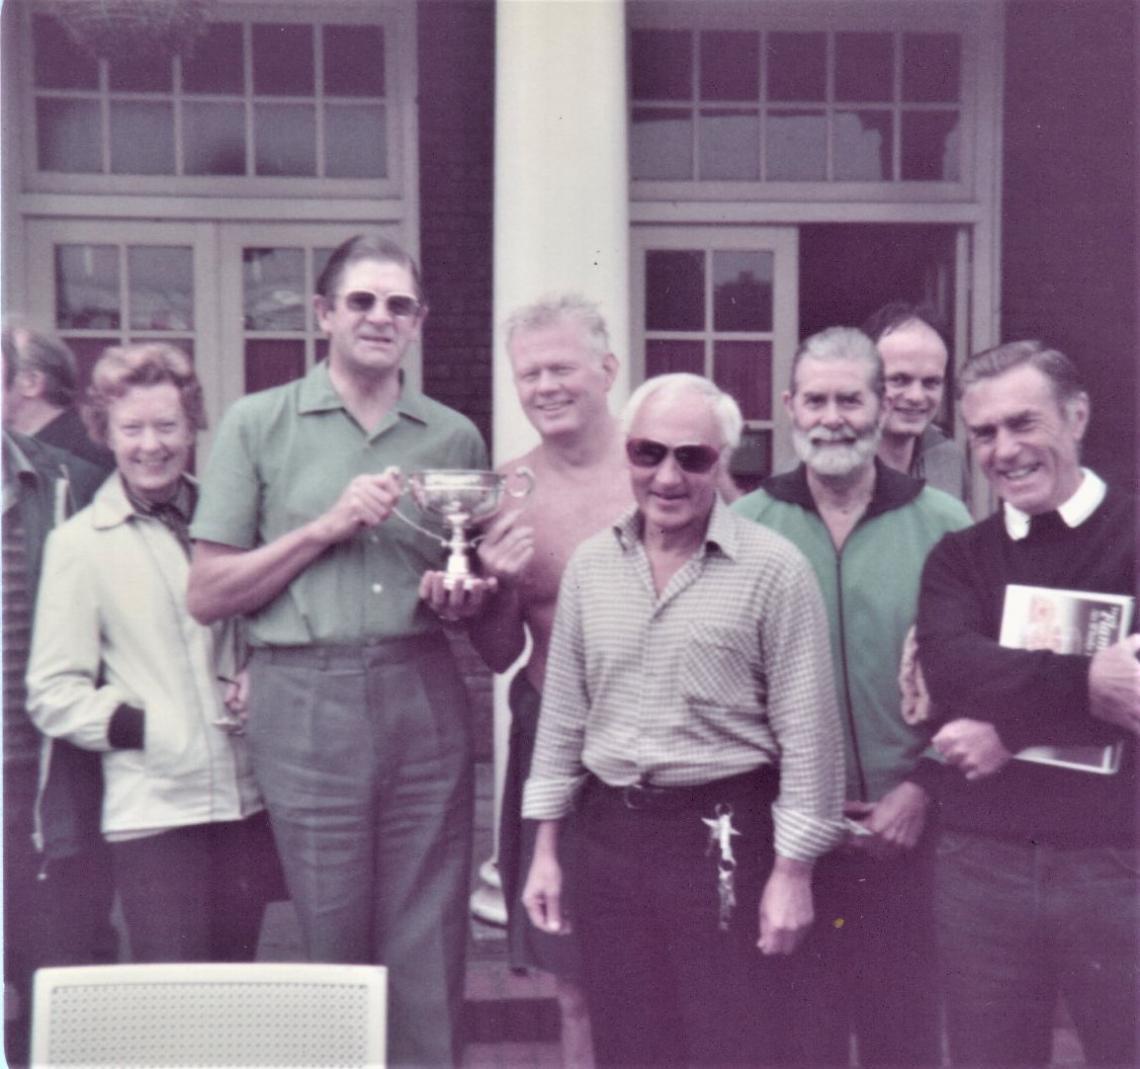 1982 winner Ron Hamill